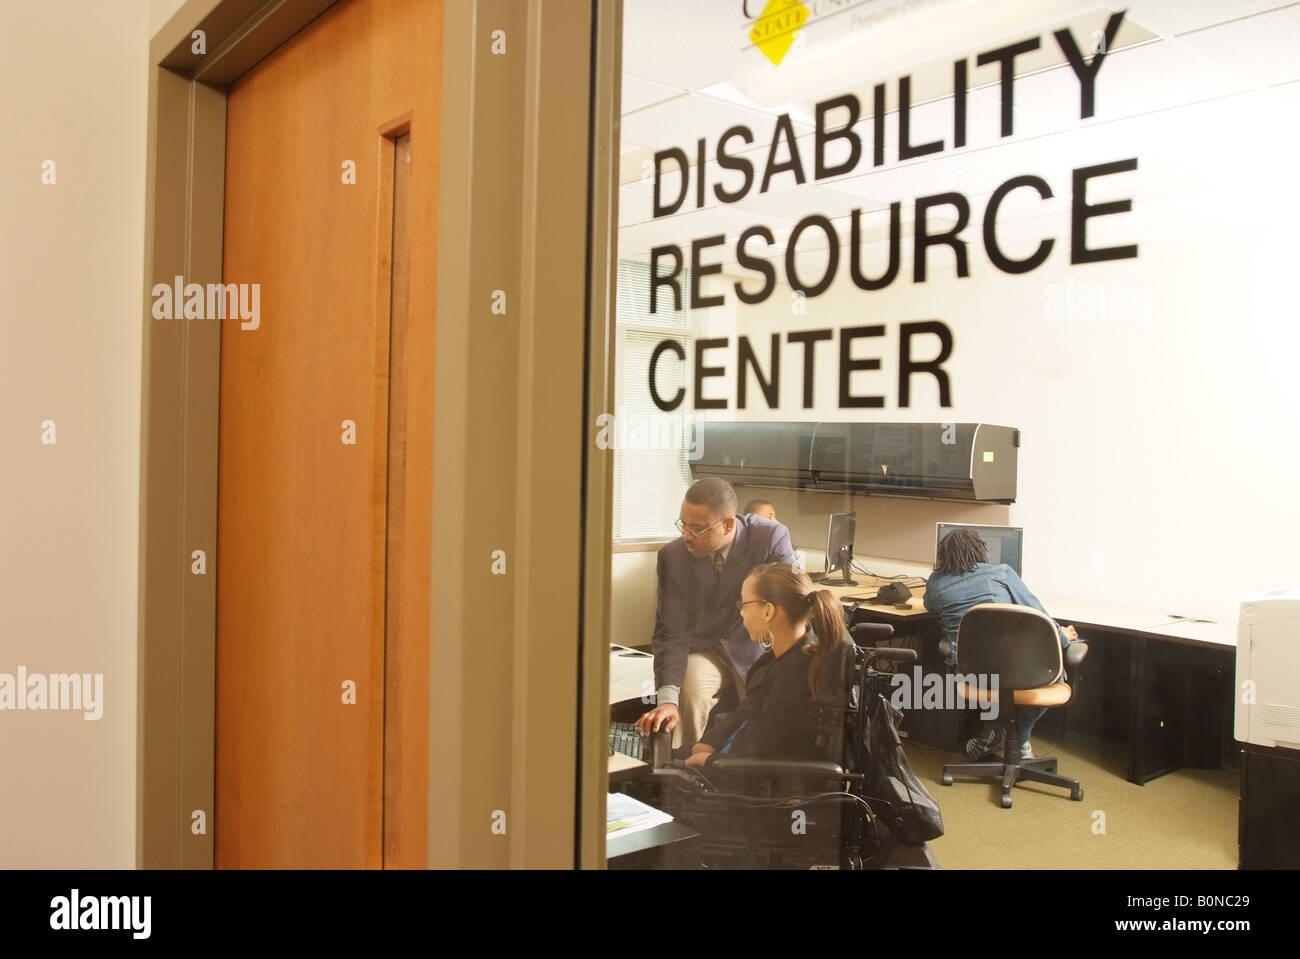 Accesso per disabili Centro risorse a Bowie Università dello Stato del Maryland USA Foto Stock